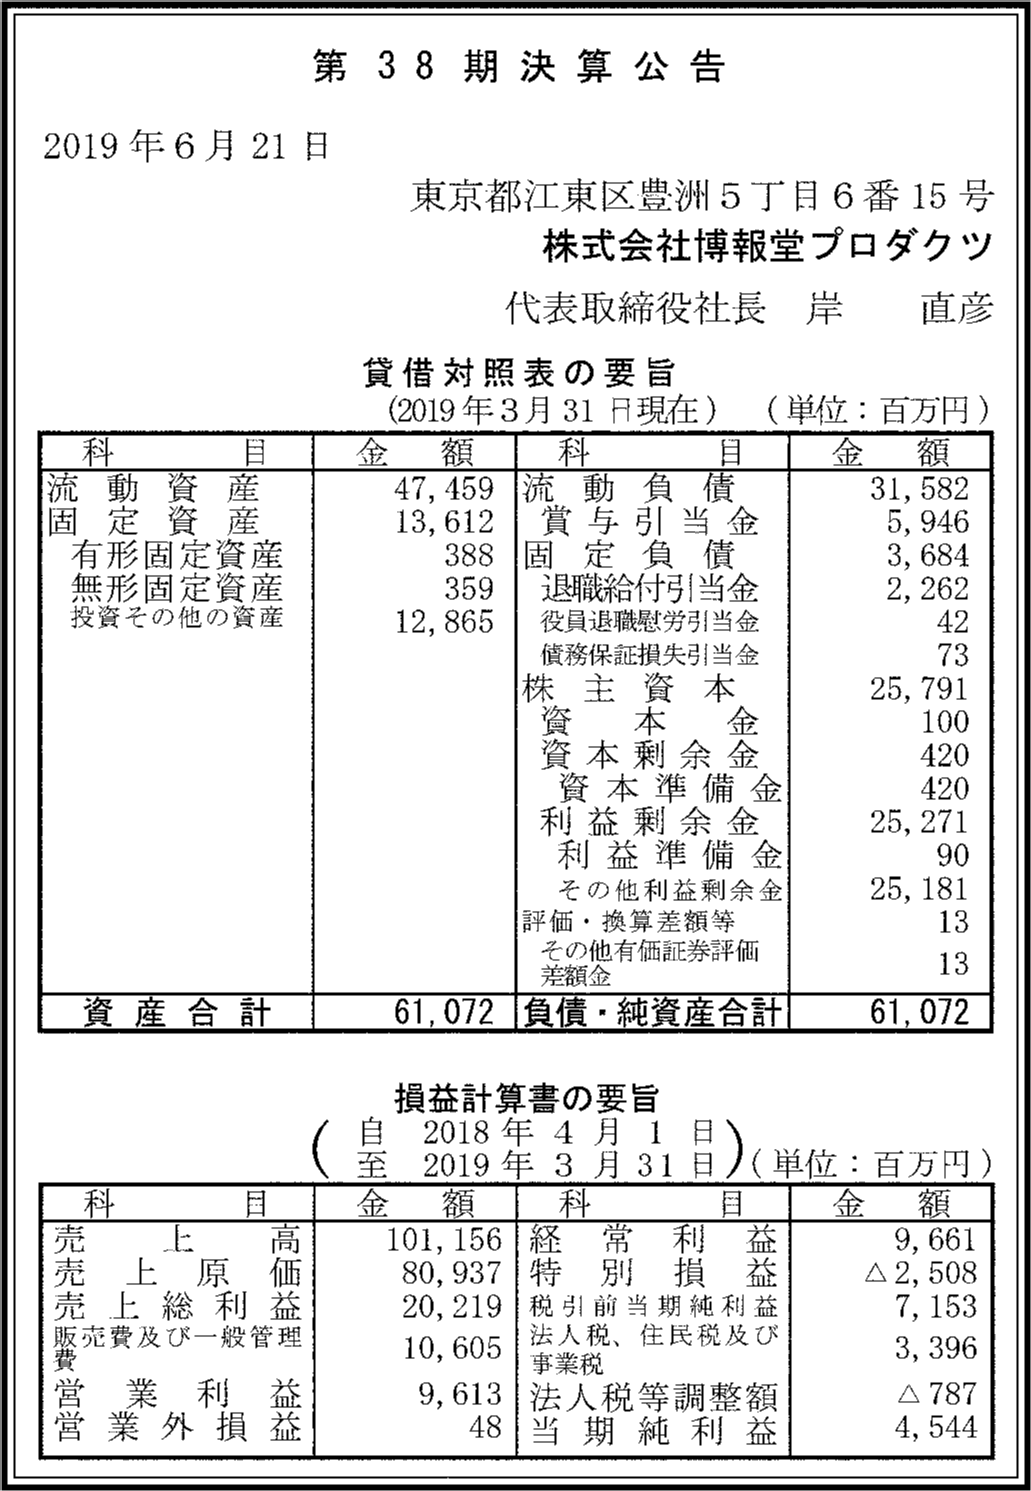 0127 660f626a0f9947a73a1f727a71b21934258a5cc1a836f88fa129c6ea59f896798ae976b3a7b08f9d84a965157fd4196c7c5b243a86bc56d9f81ebcff2cc3b2f6 04